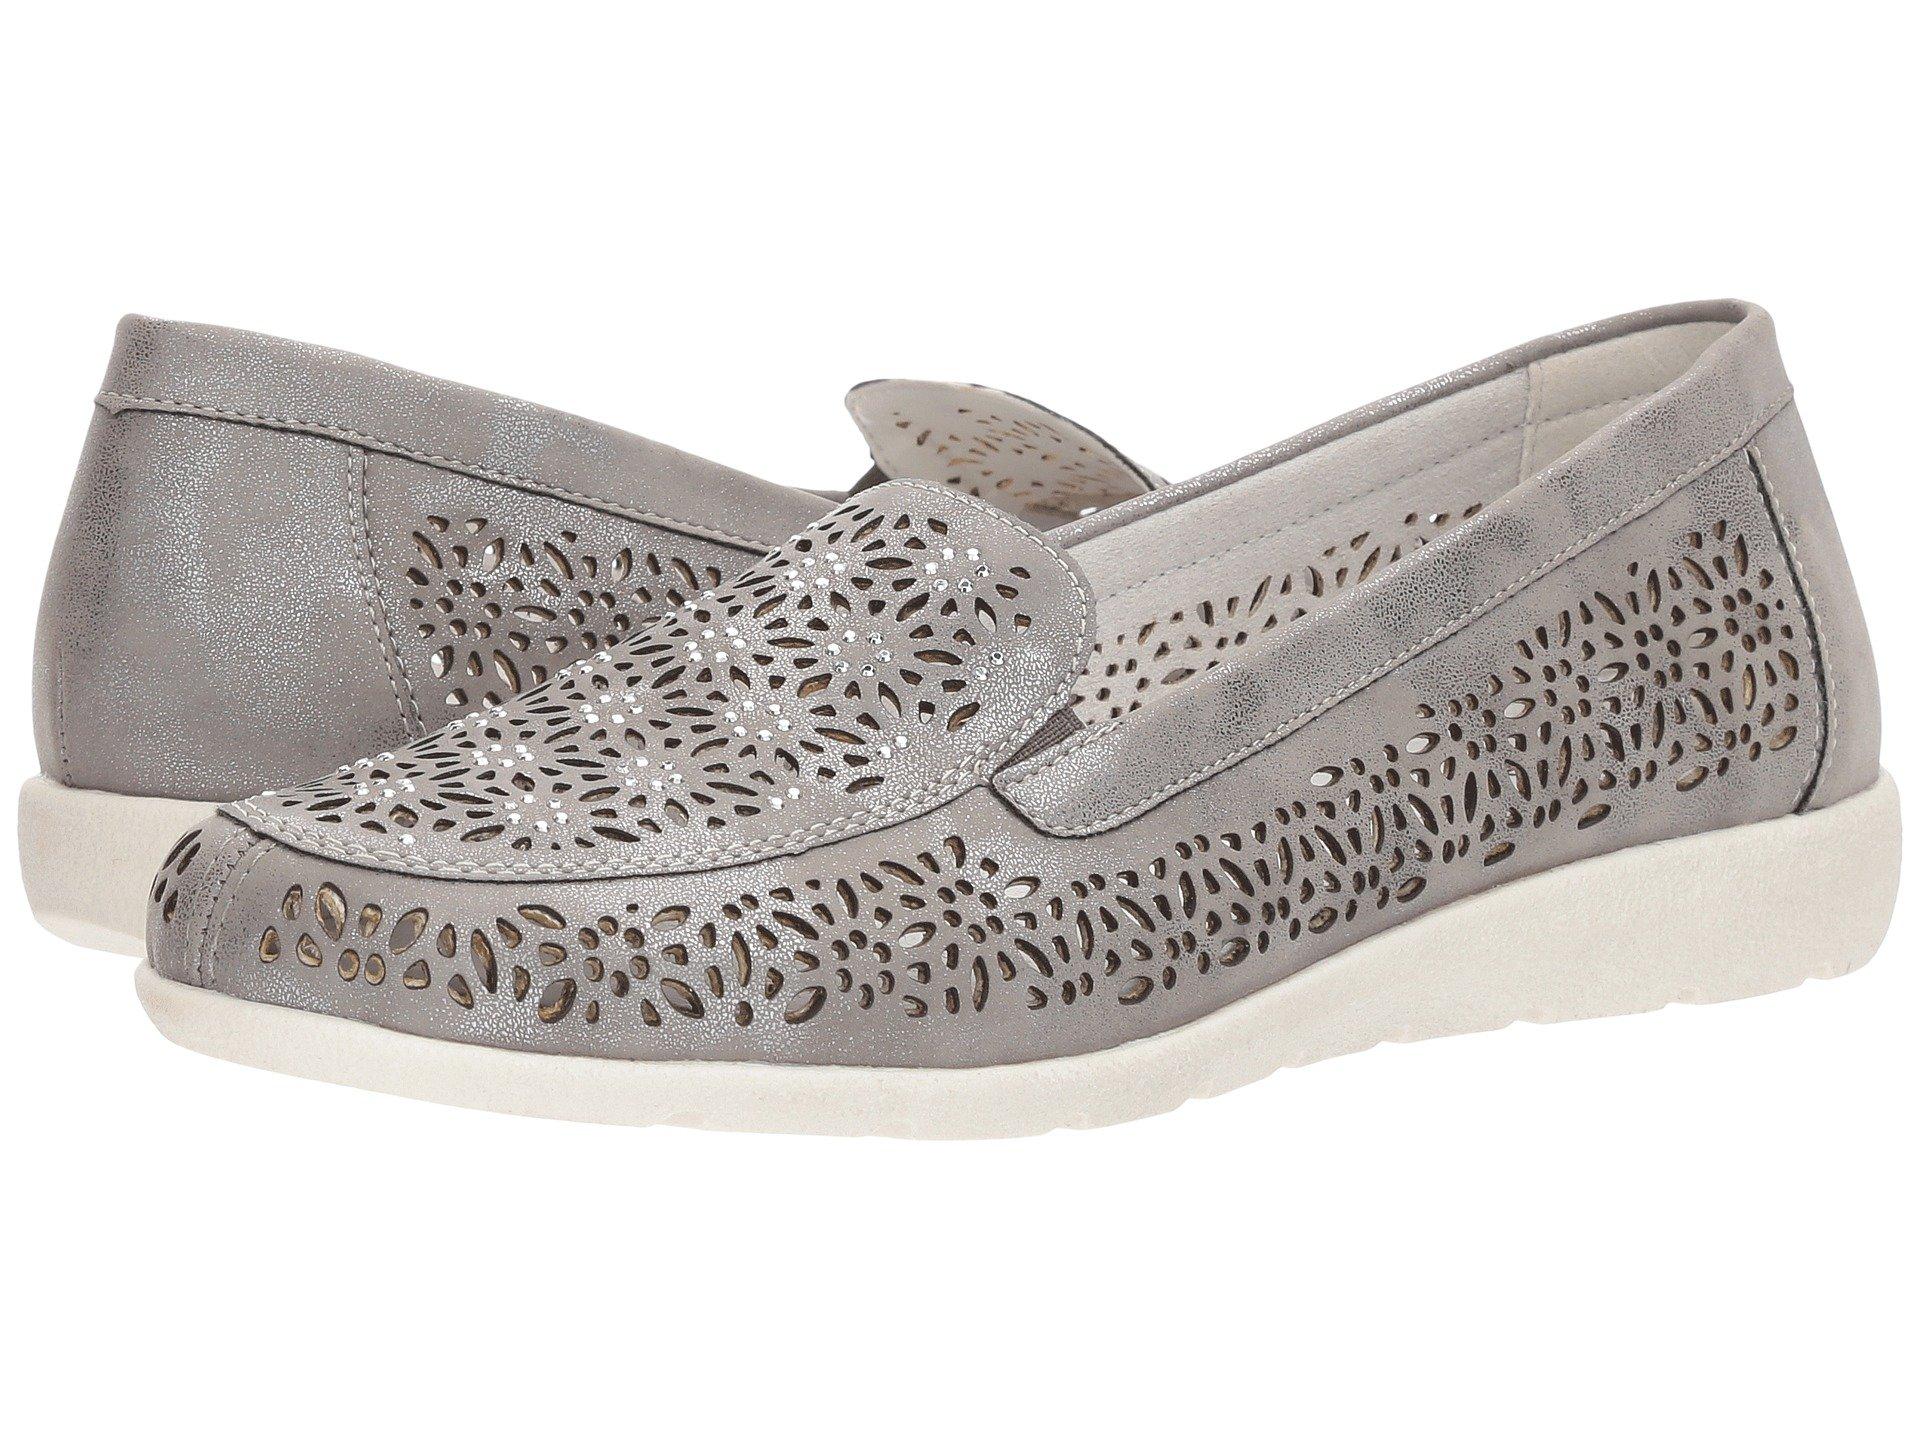 cd5d26c2 Women's Rieker Shoes + FREE SHIPPING   Zappos.com